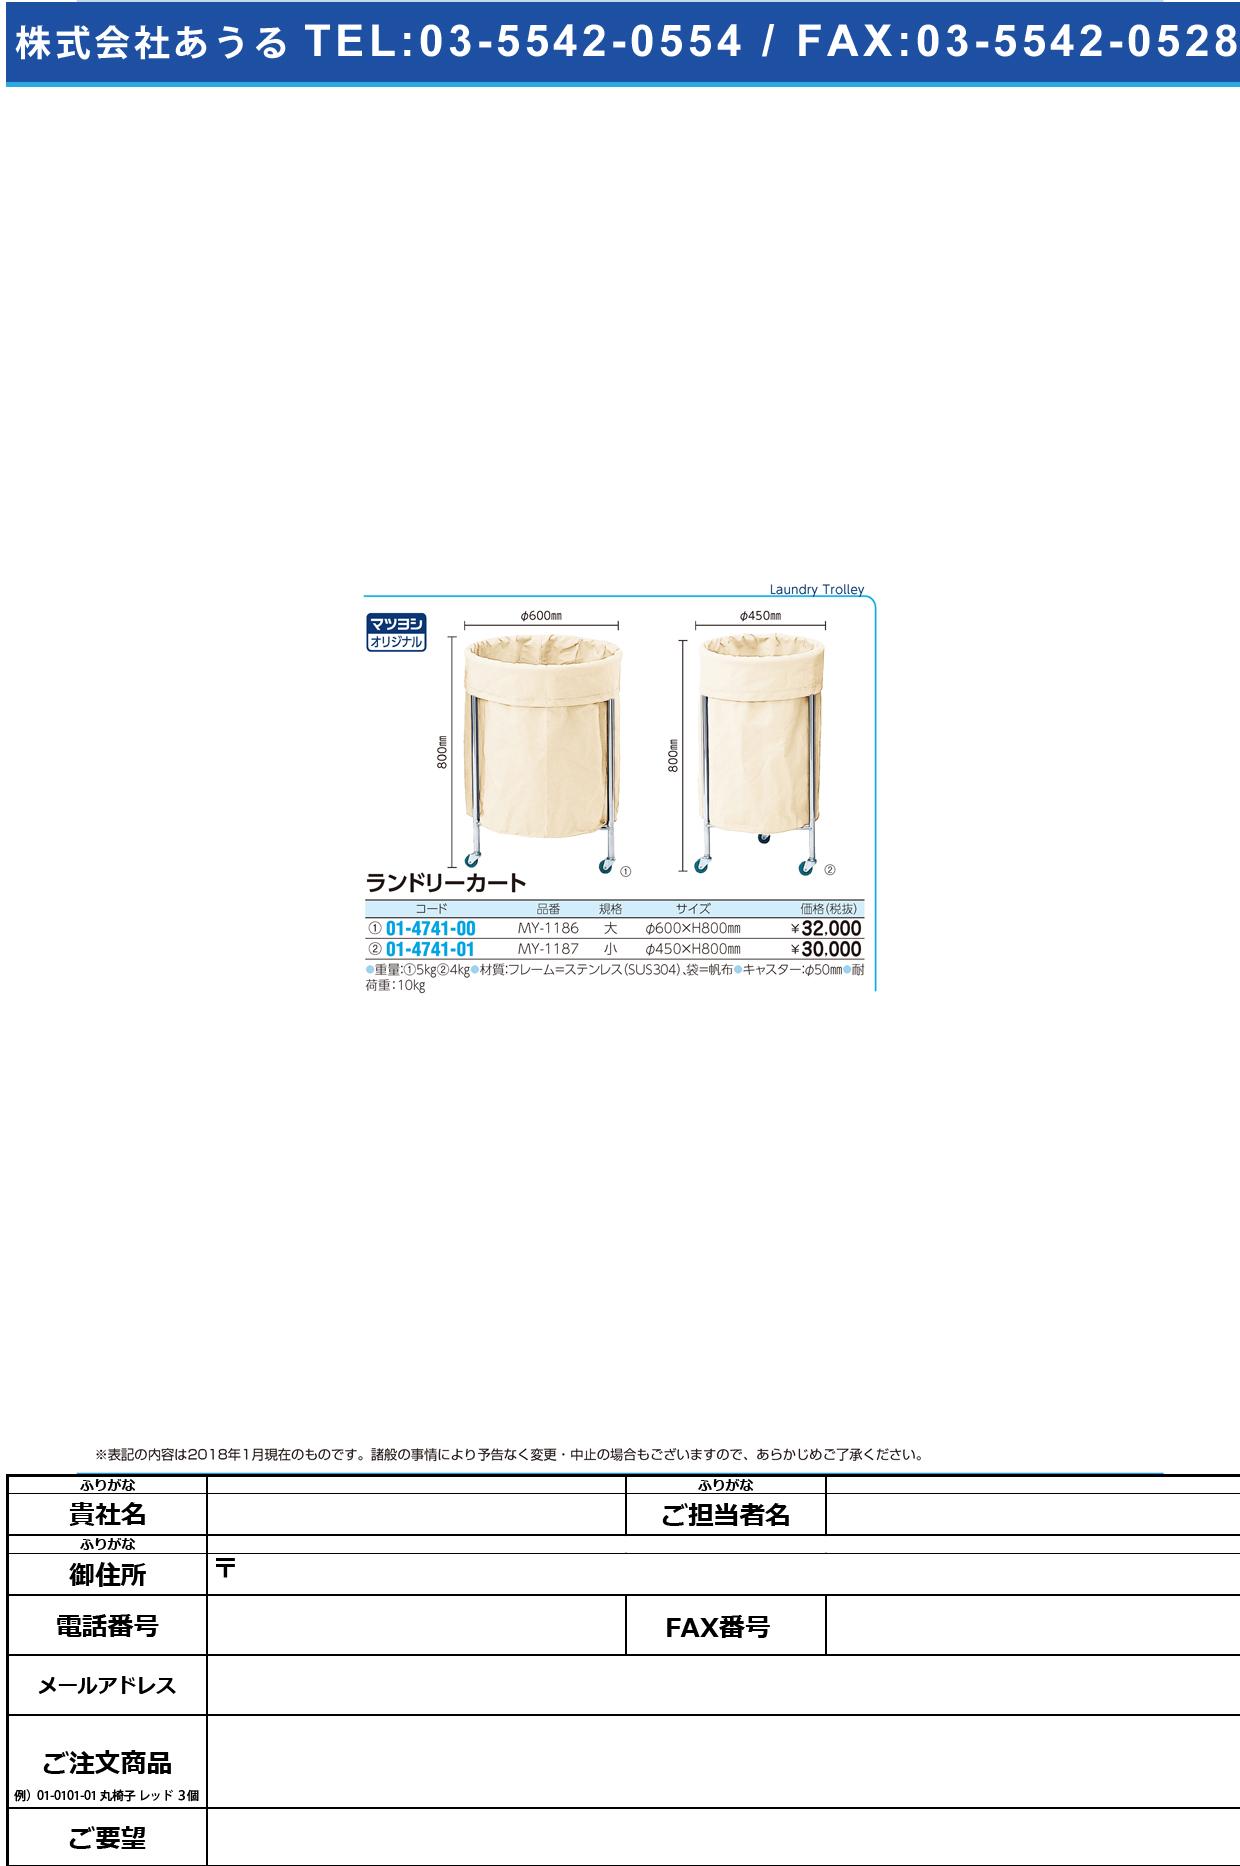 (01-4741-00)ランドリーカート(大) MY-1186(600X800MM) ランドリーカート(ダイ)【1台単位】【2018年カタログ商品】